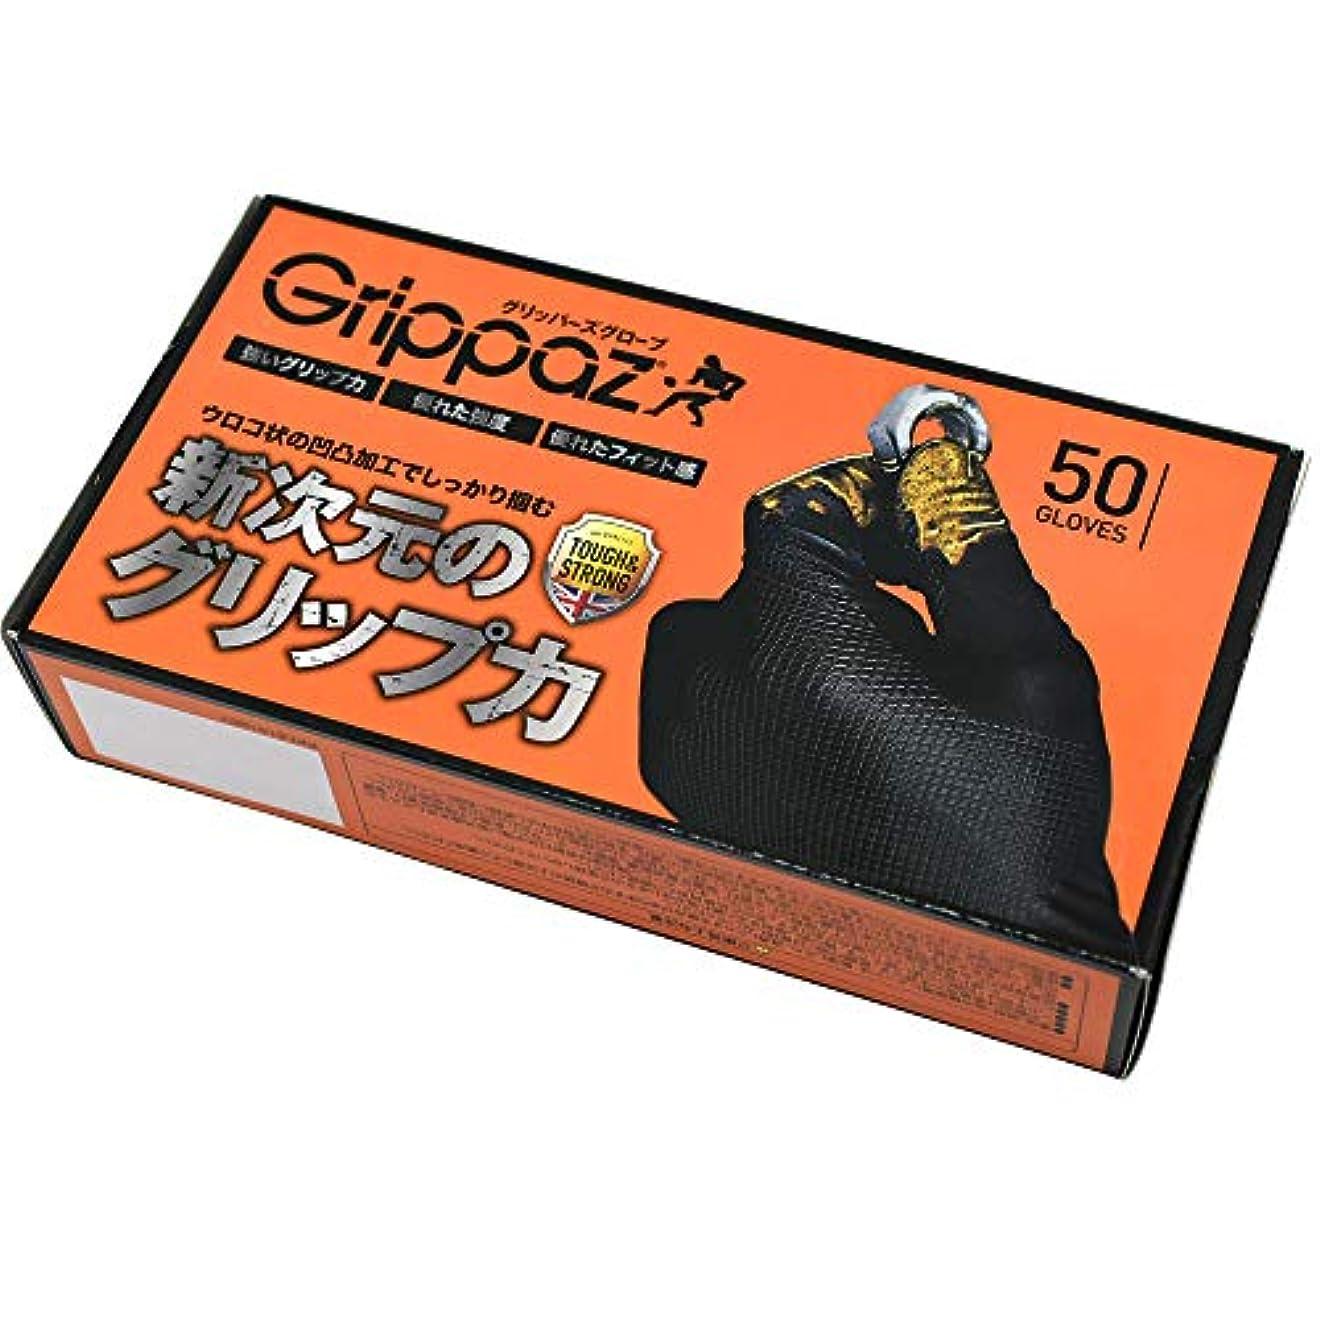 包括的道路刈る原田産業 ニトリル手袋 グリッパーズグローブ 50枚入 XLサイズ パウダーフリー 左右兼用 自動車整備 メンテナンス